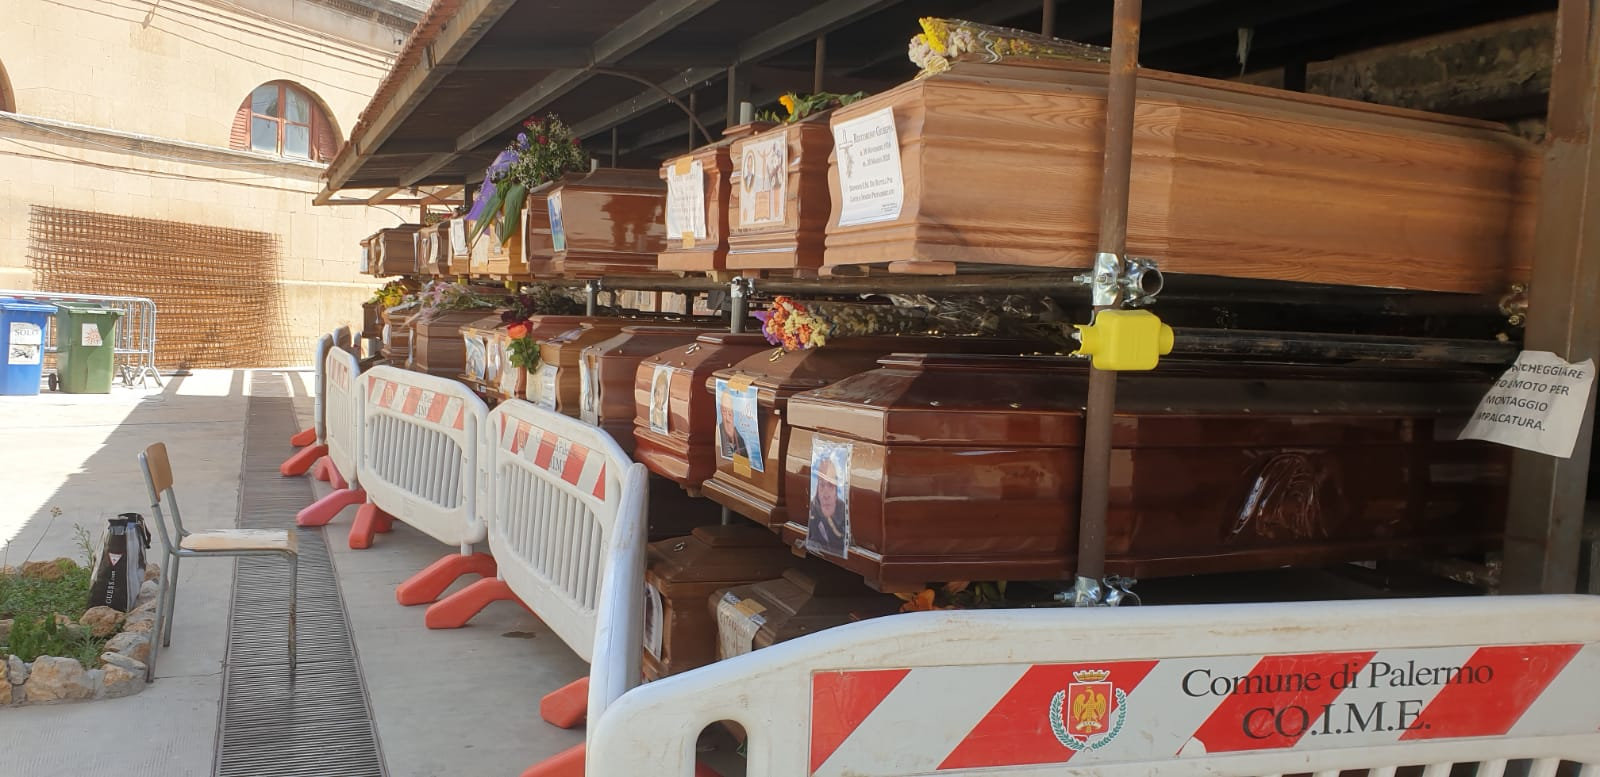 """Palermo, niente pace per i morti. Igor Gelarda: """"A Giugno mille e 500 salme ai Rotoli prive di sepoltura"""""""